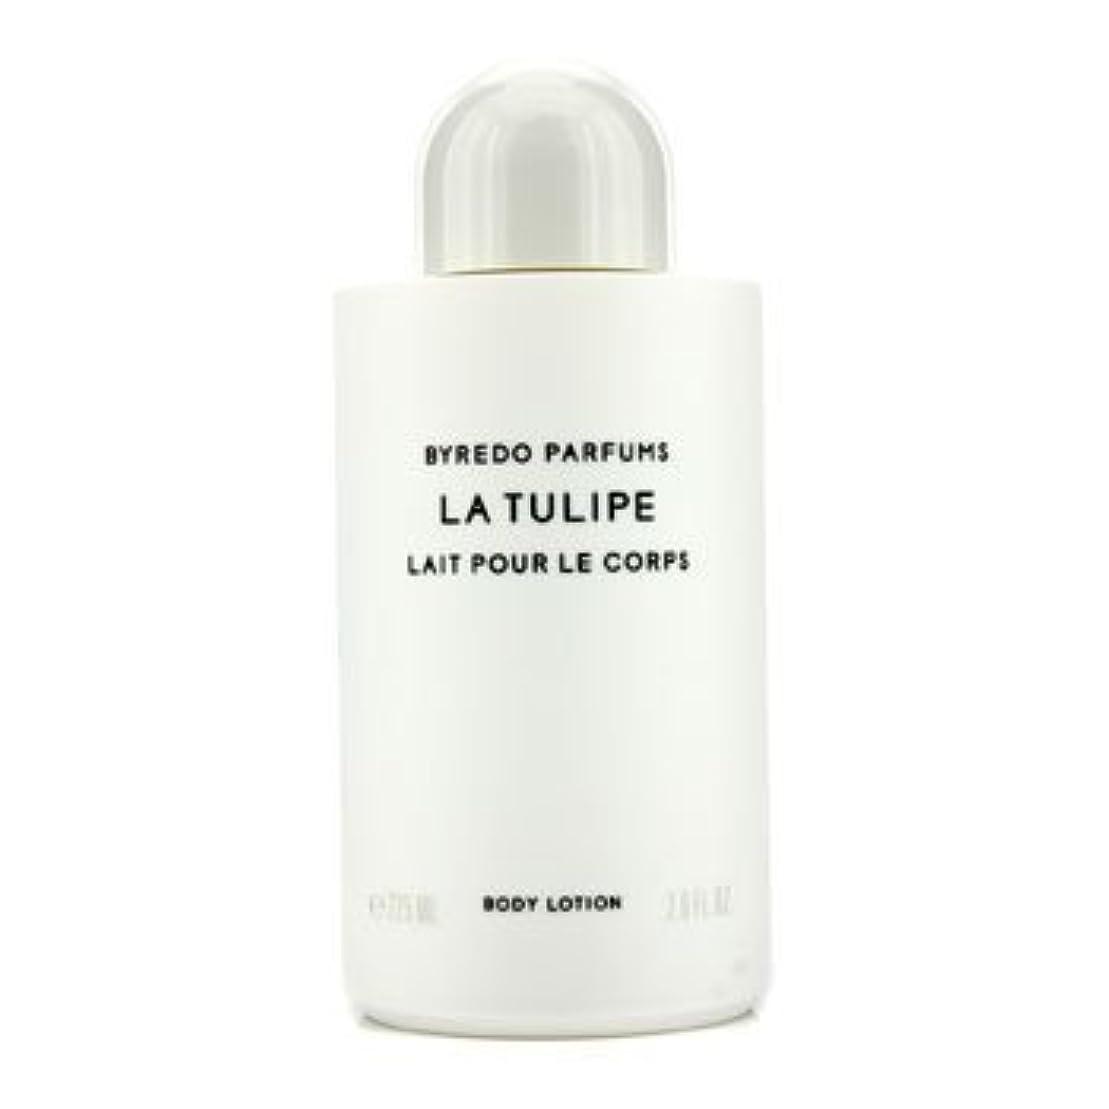 ぺディカブ農業の聖人Byredo La Tulipe Body Lotion For Women 225Ml/7.6Oz by Byredo [並行輸入品]